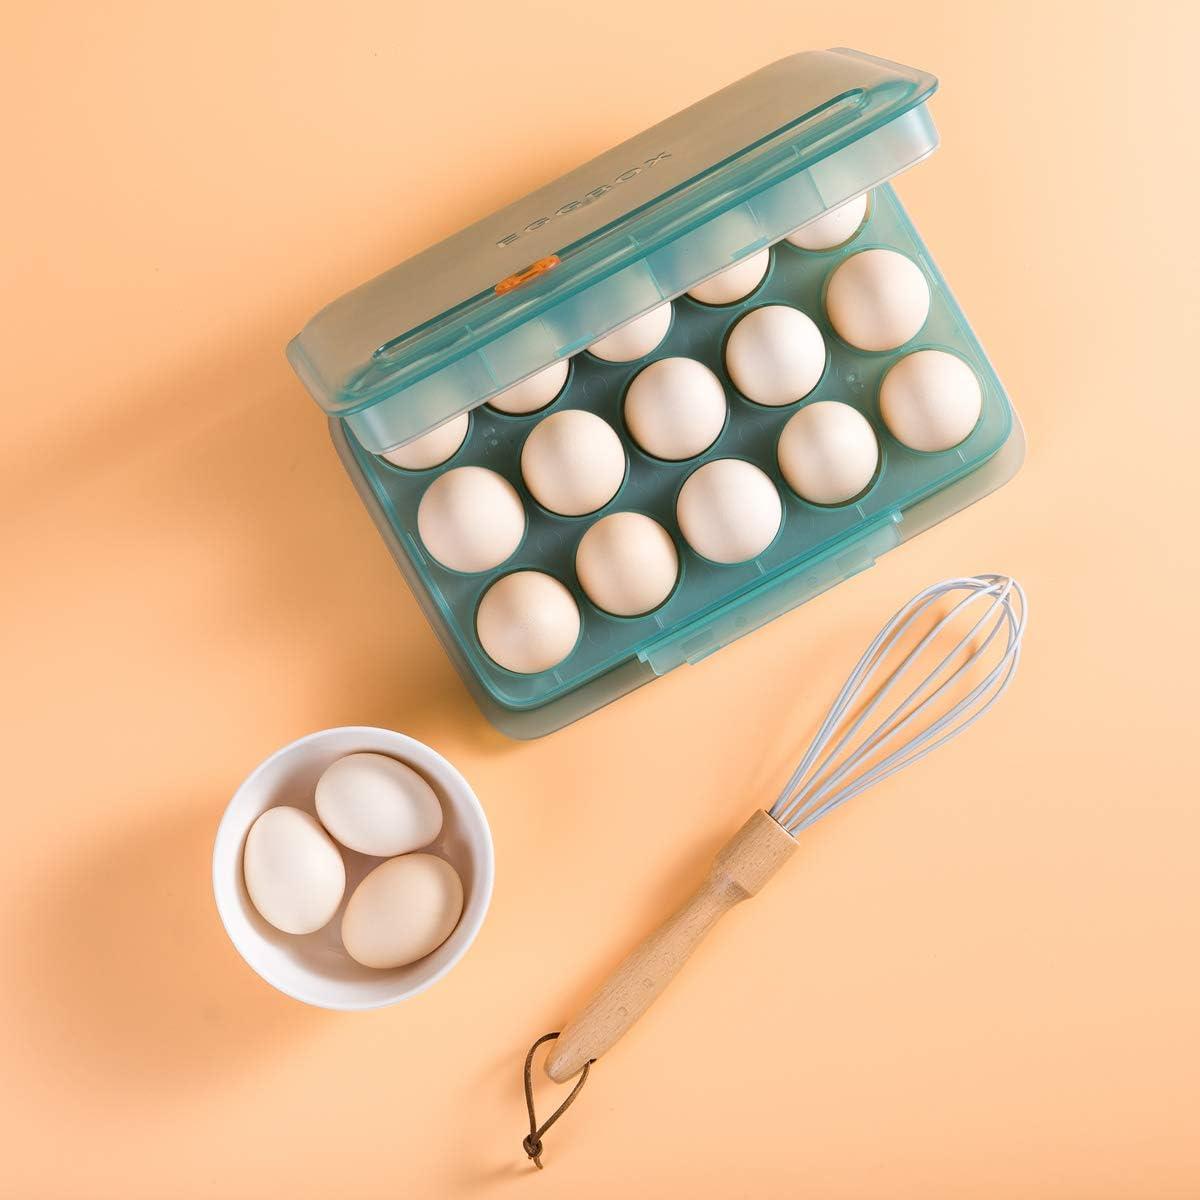 Cabilock Kunststoff Eierhalter f/ür K/ühlschrank mit Deckel K/ühlschrankhalter f/ür K/üche H/ält bis zu 14 Eierhalter Klar